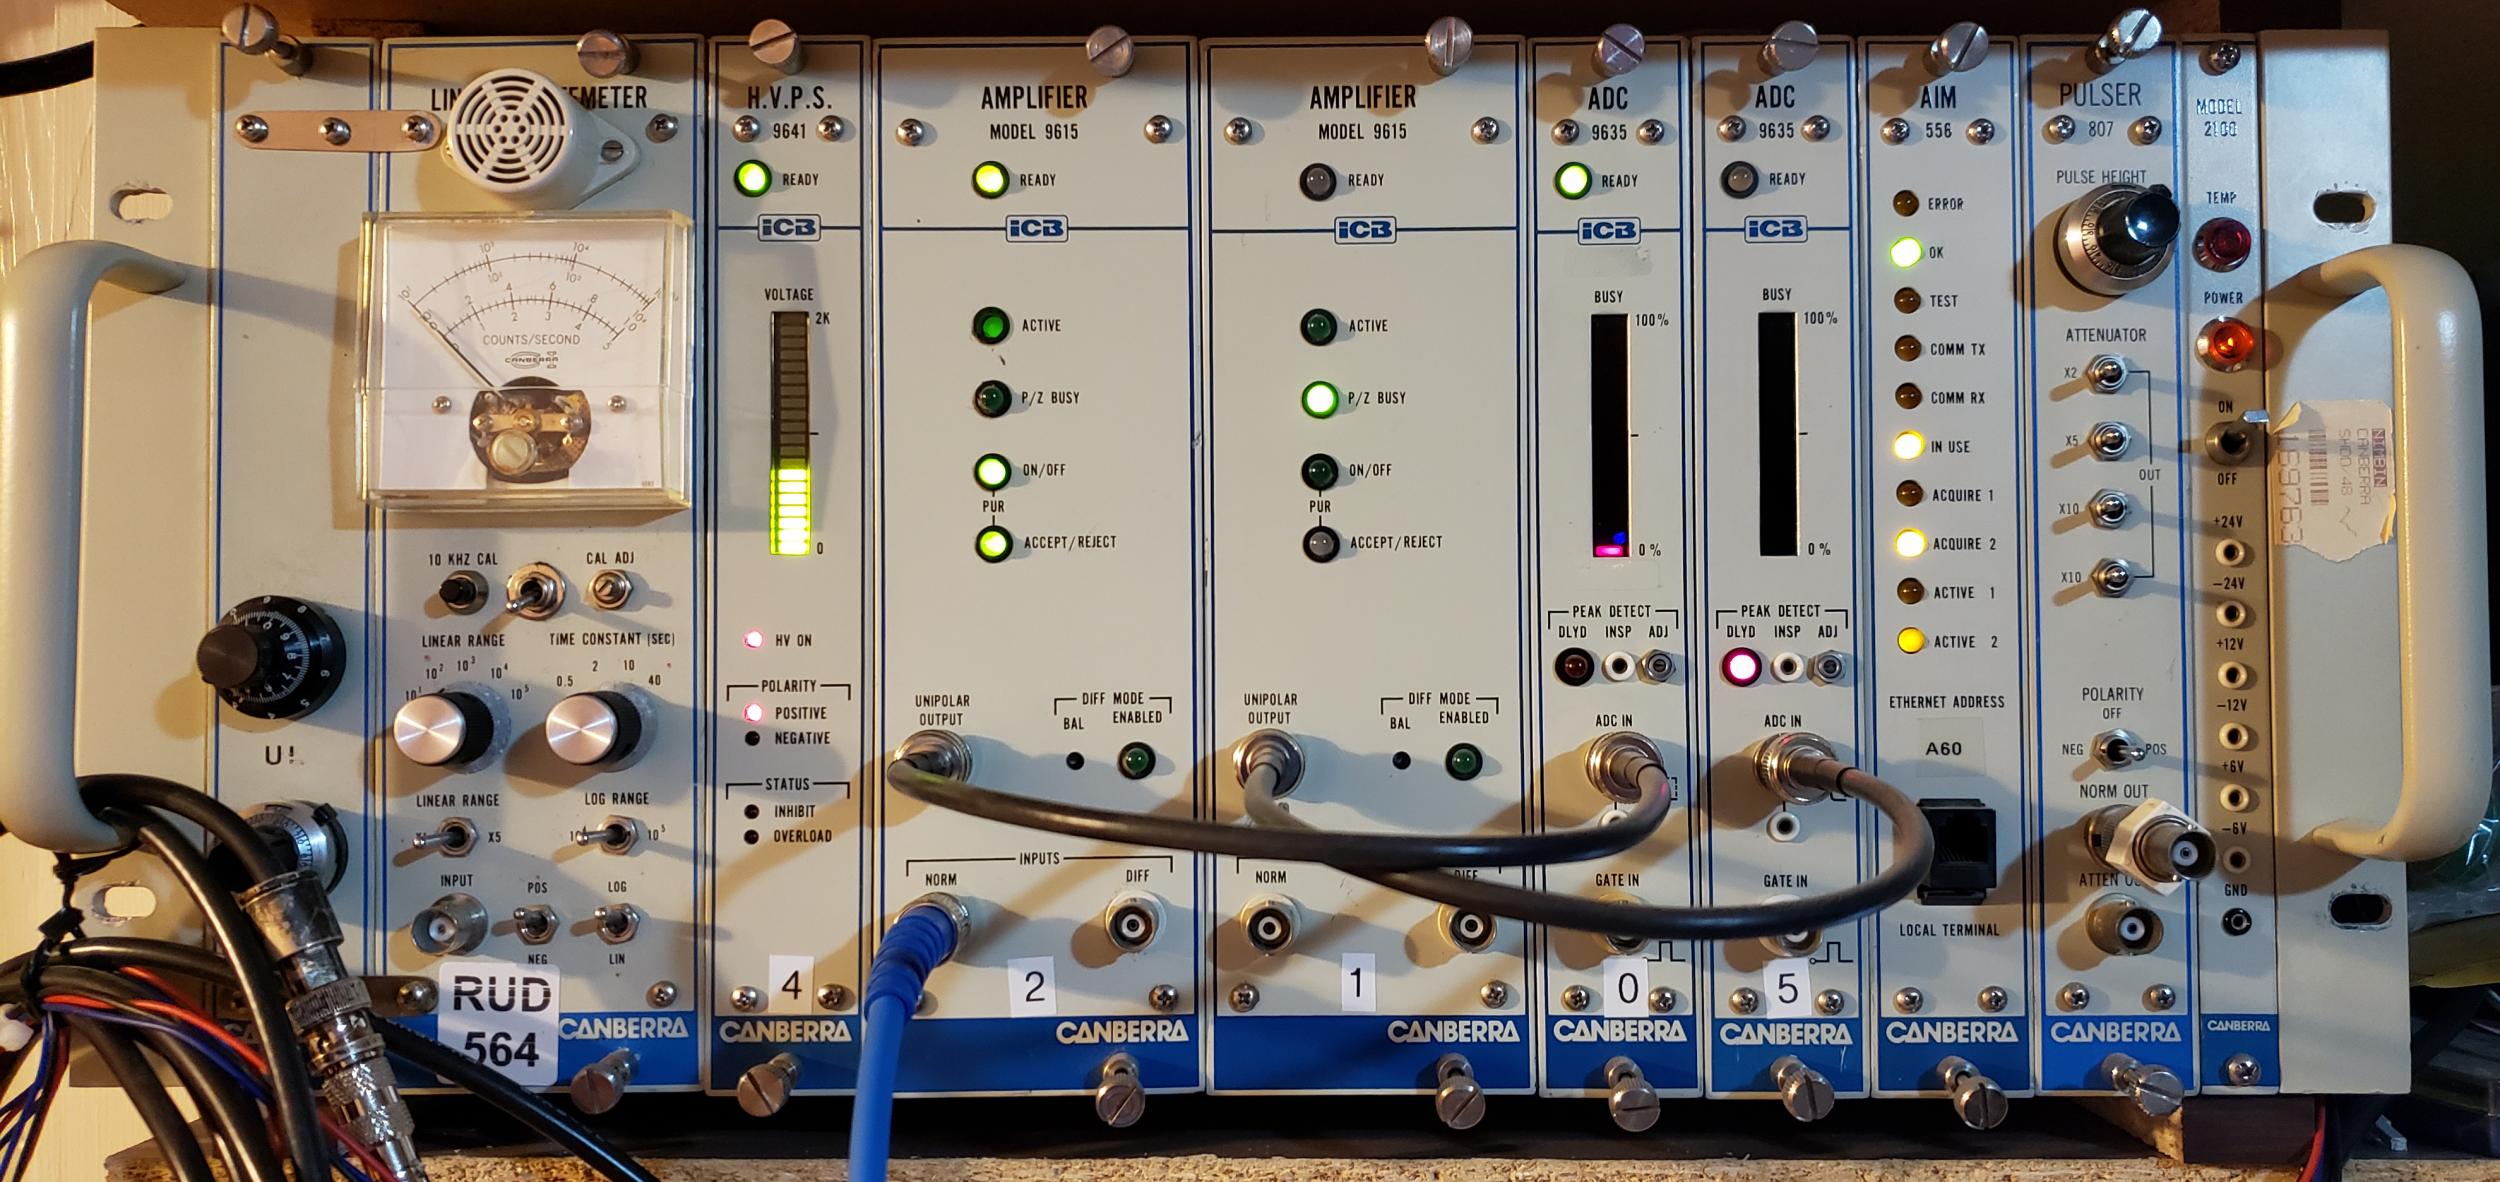 Amateur Canberra Spectroscopy System